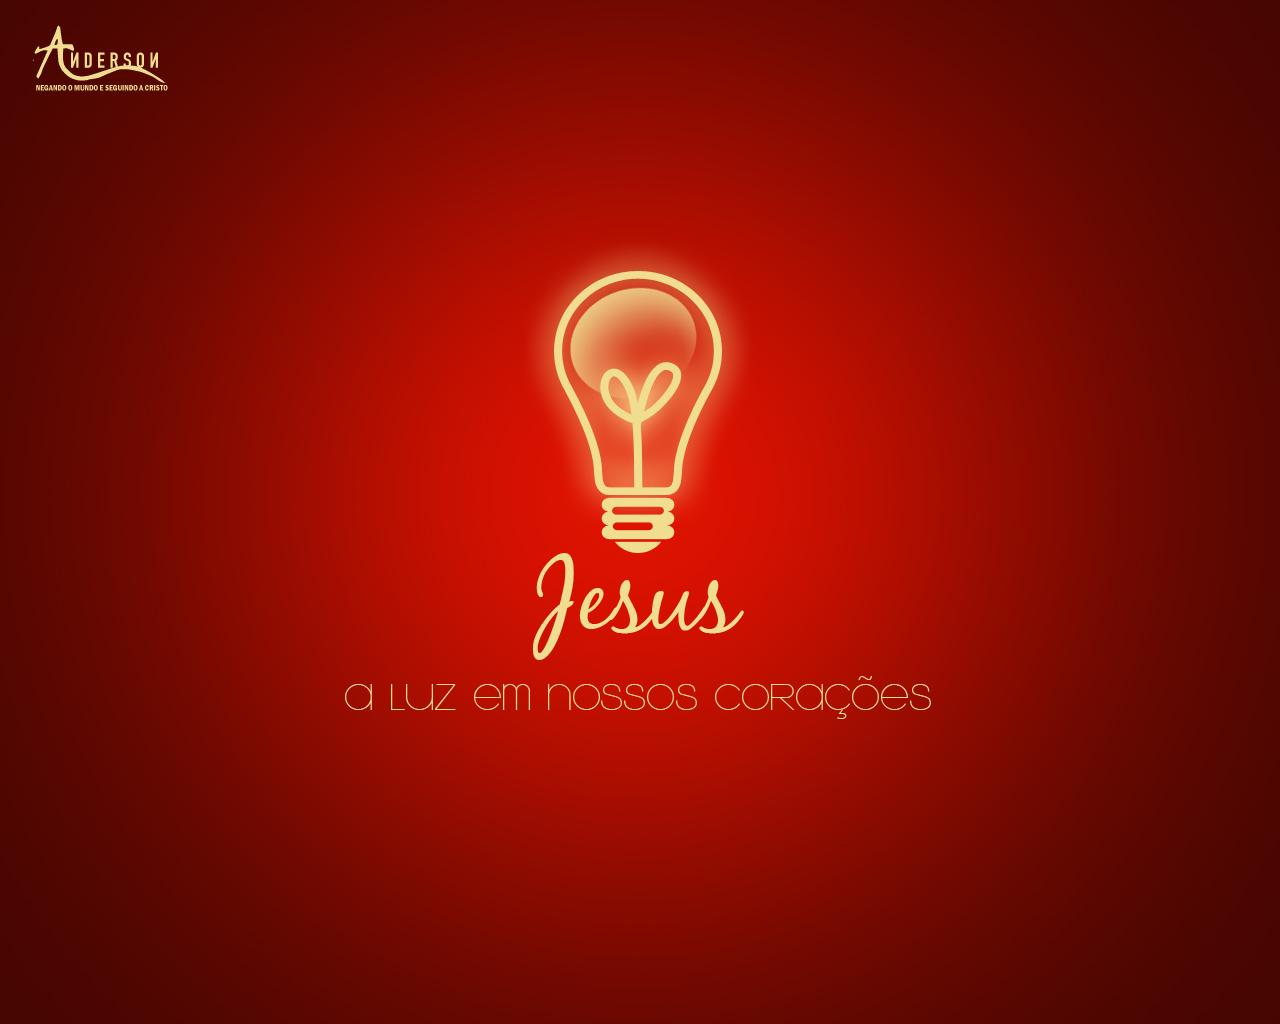 http://4.bp.blogspot.com/_PDRCfIh9VlM/TTMx7cdq9HI/AAAAAAAAANI/iDHDKaQ7_U4/s1600/wallpaper-jesus-a-luz-em-nossos-coracoes.jpg